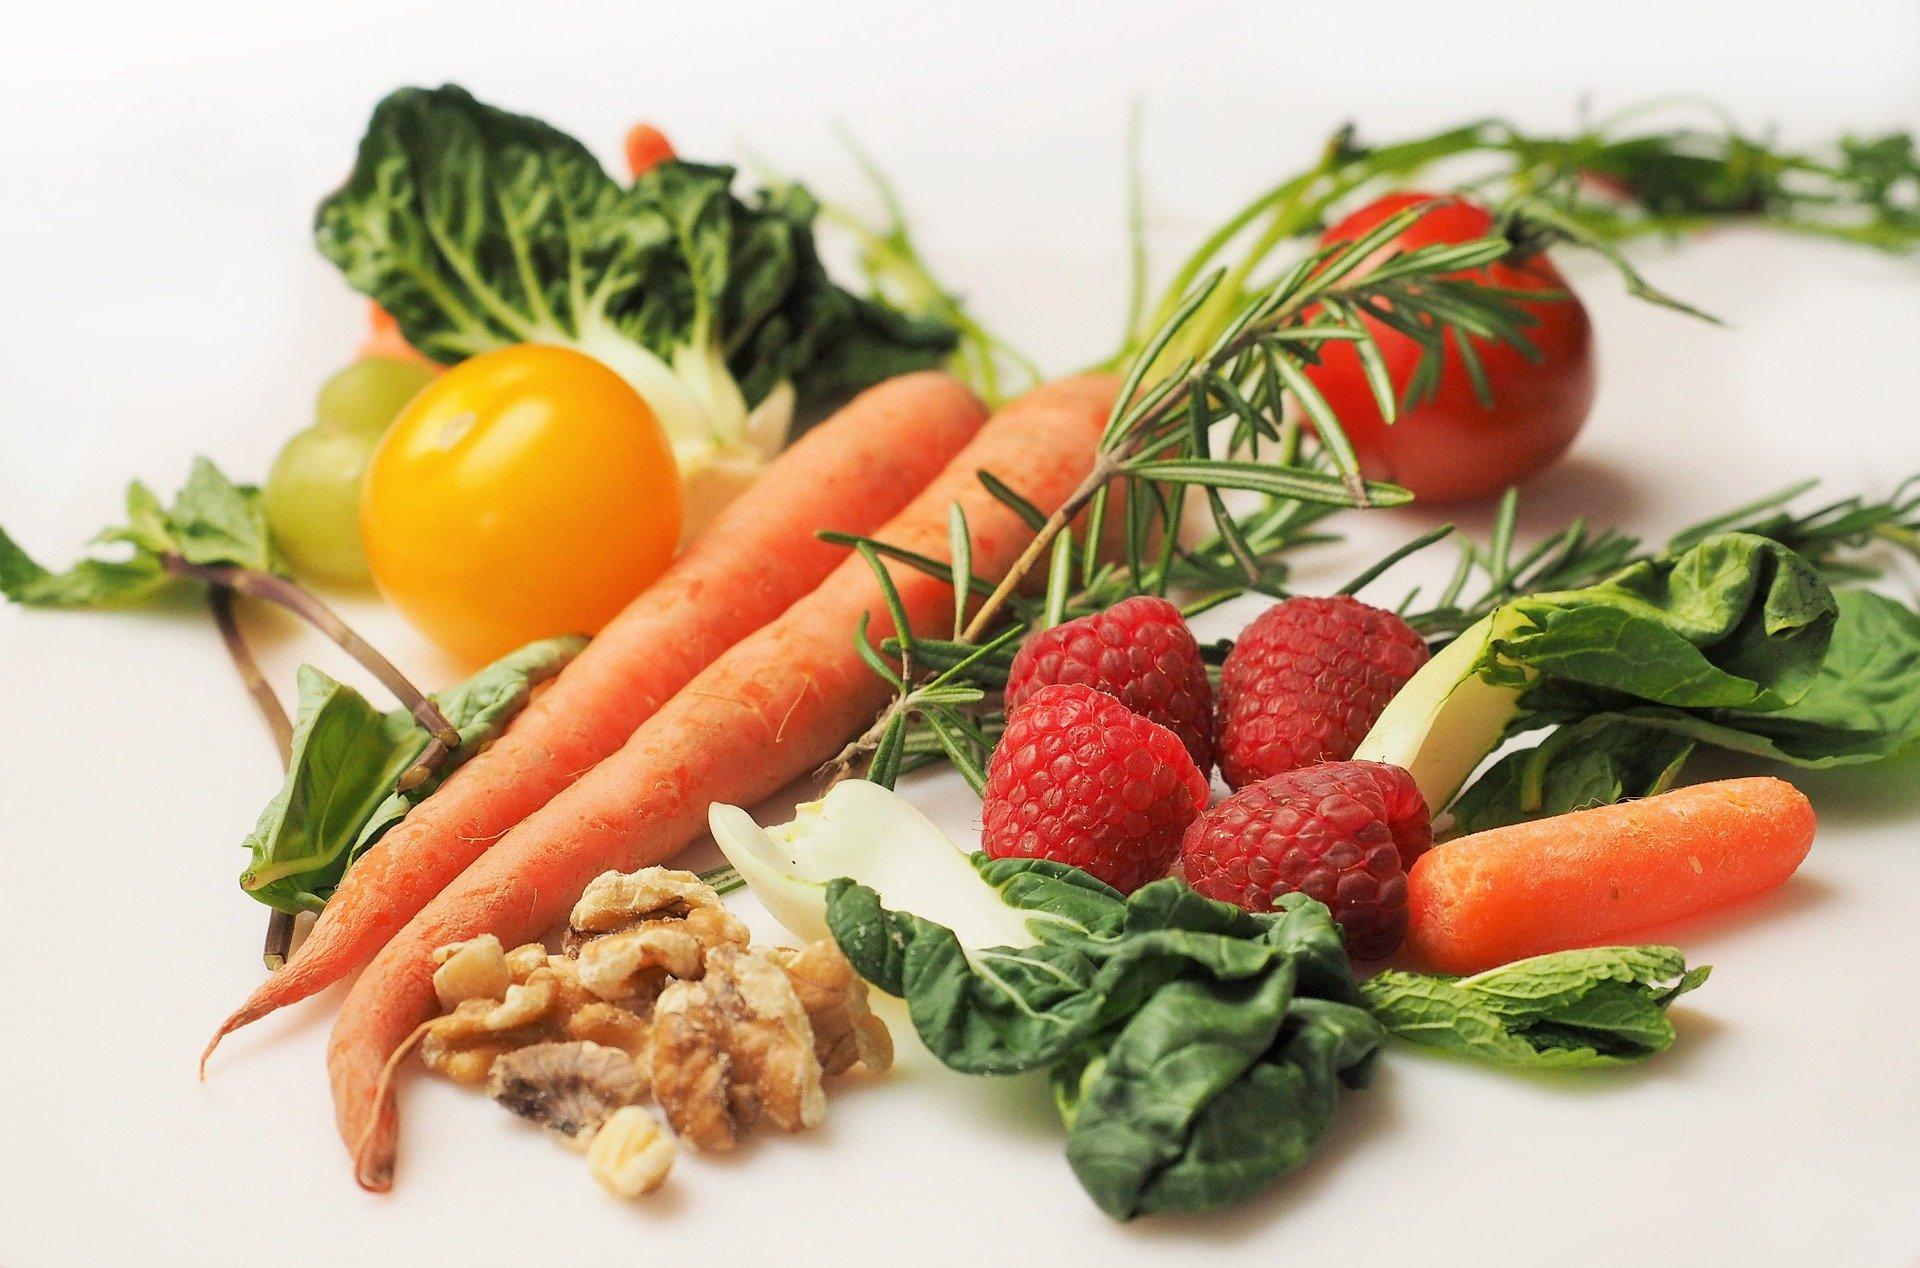 les 17 végétaux qui vont booster votre système immunitaire